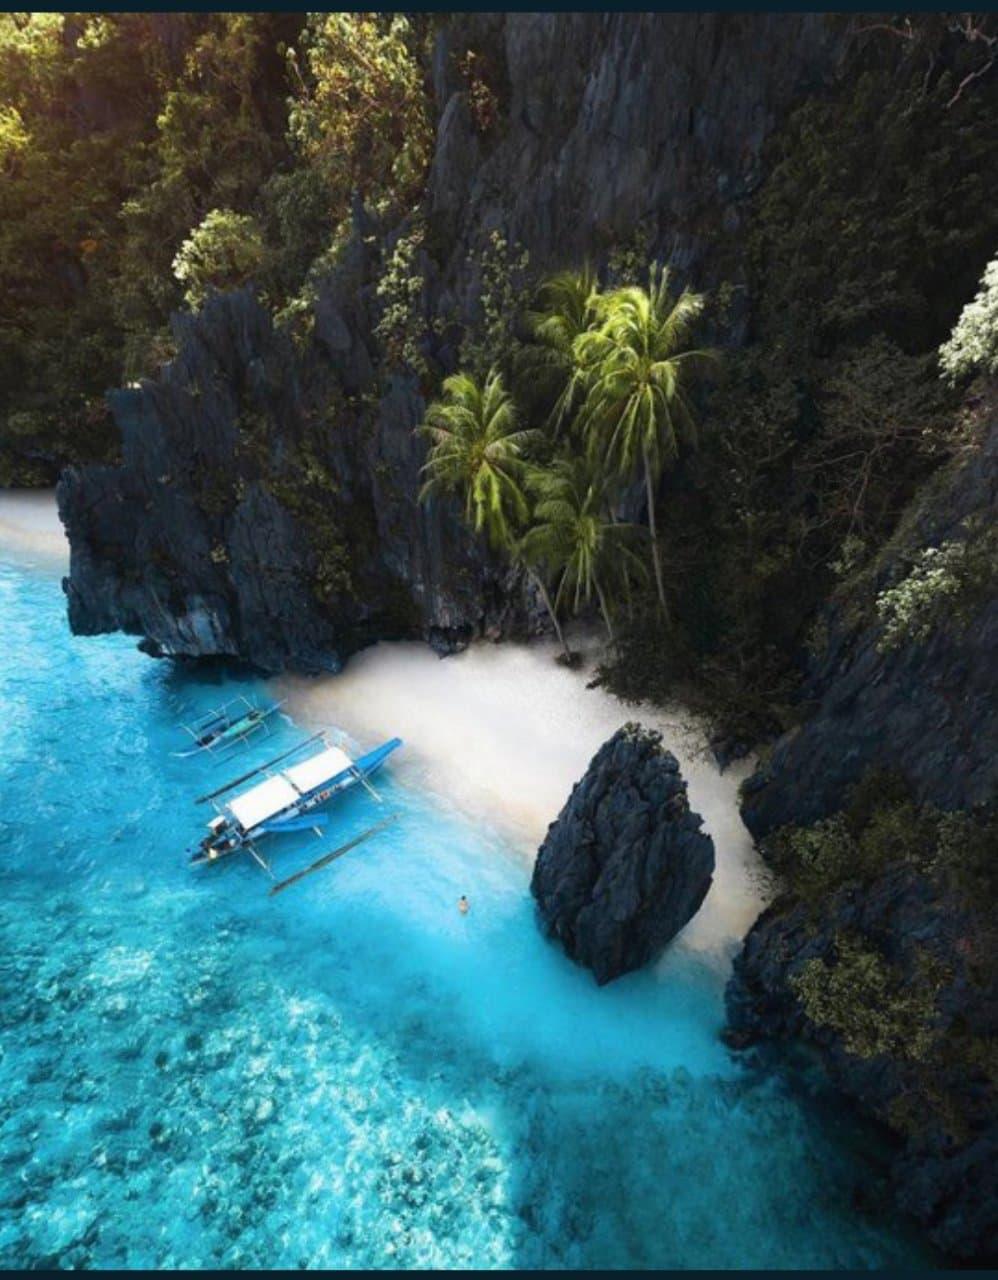 شواطيء الفلبين الخلابة بالصور